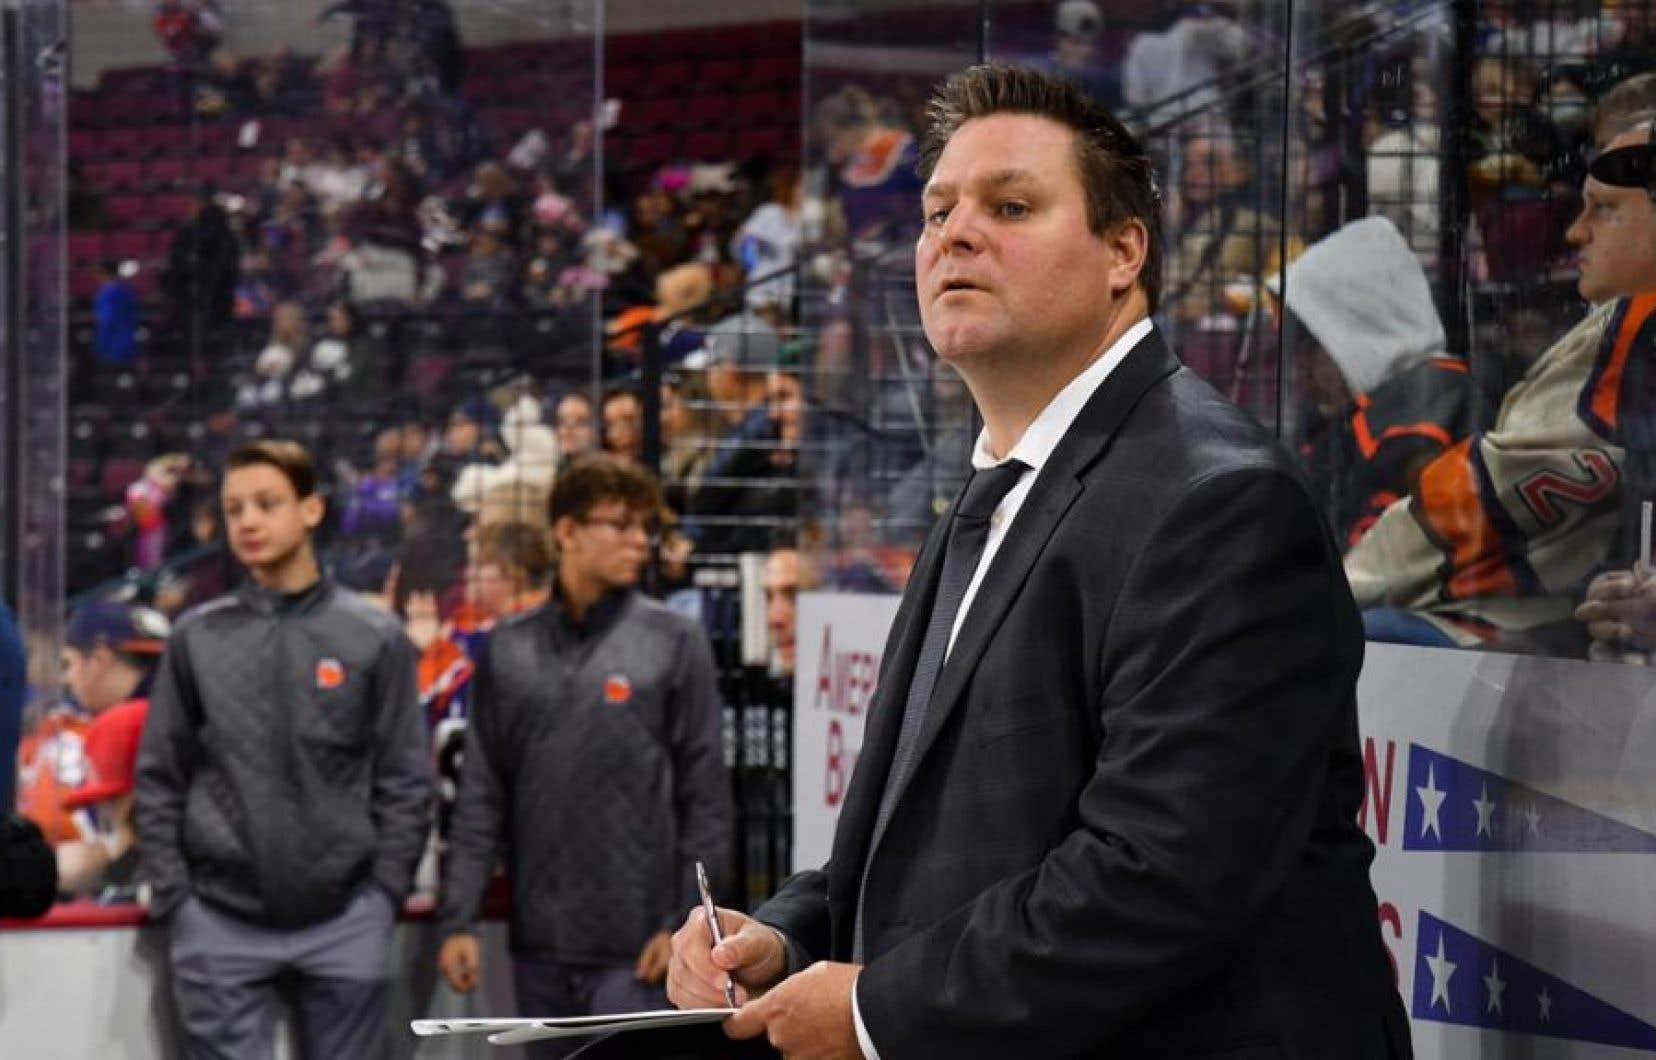 Le directeur général des Canadiens, Marc Bergevin, a annoncé la nomination de Jean-François Houle à titre d'entraîneur-chef du Rocket de Laval dans la Ligue américaine, mardi.